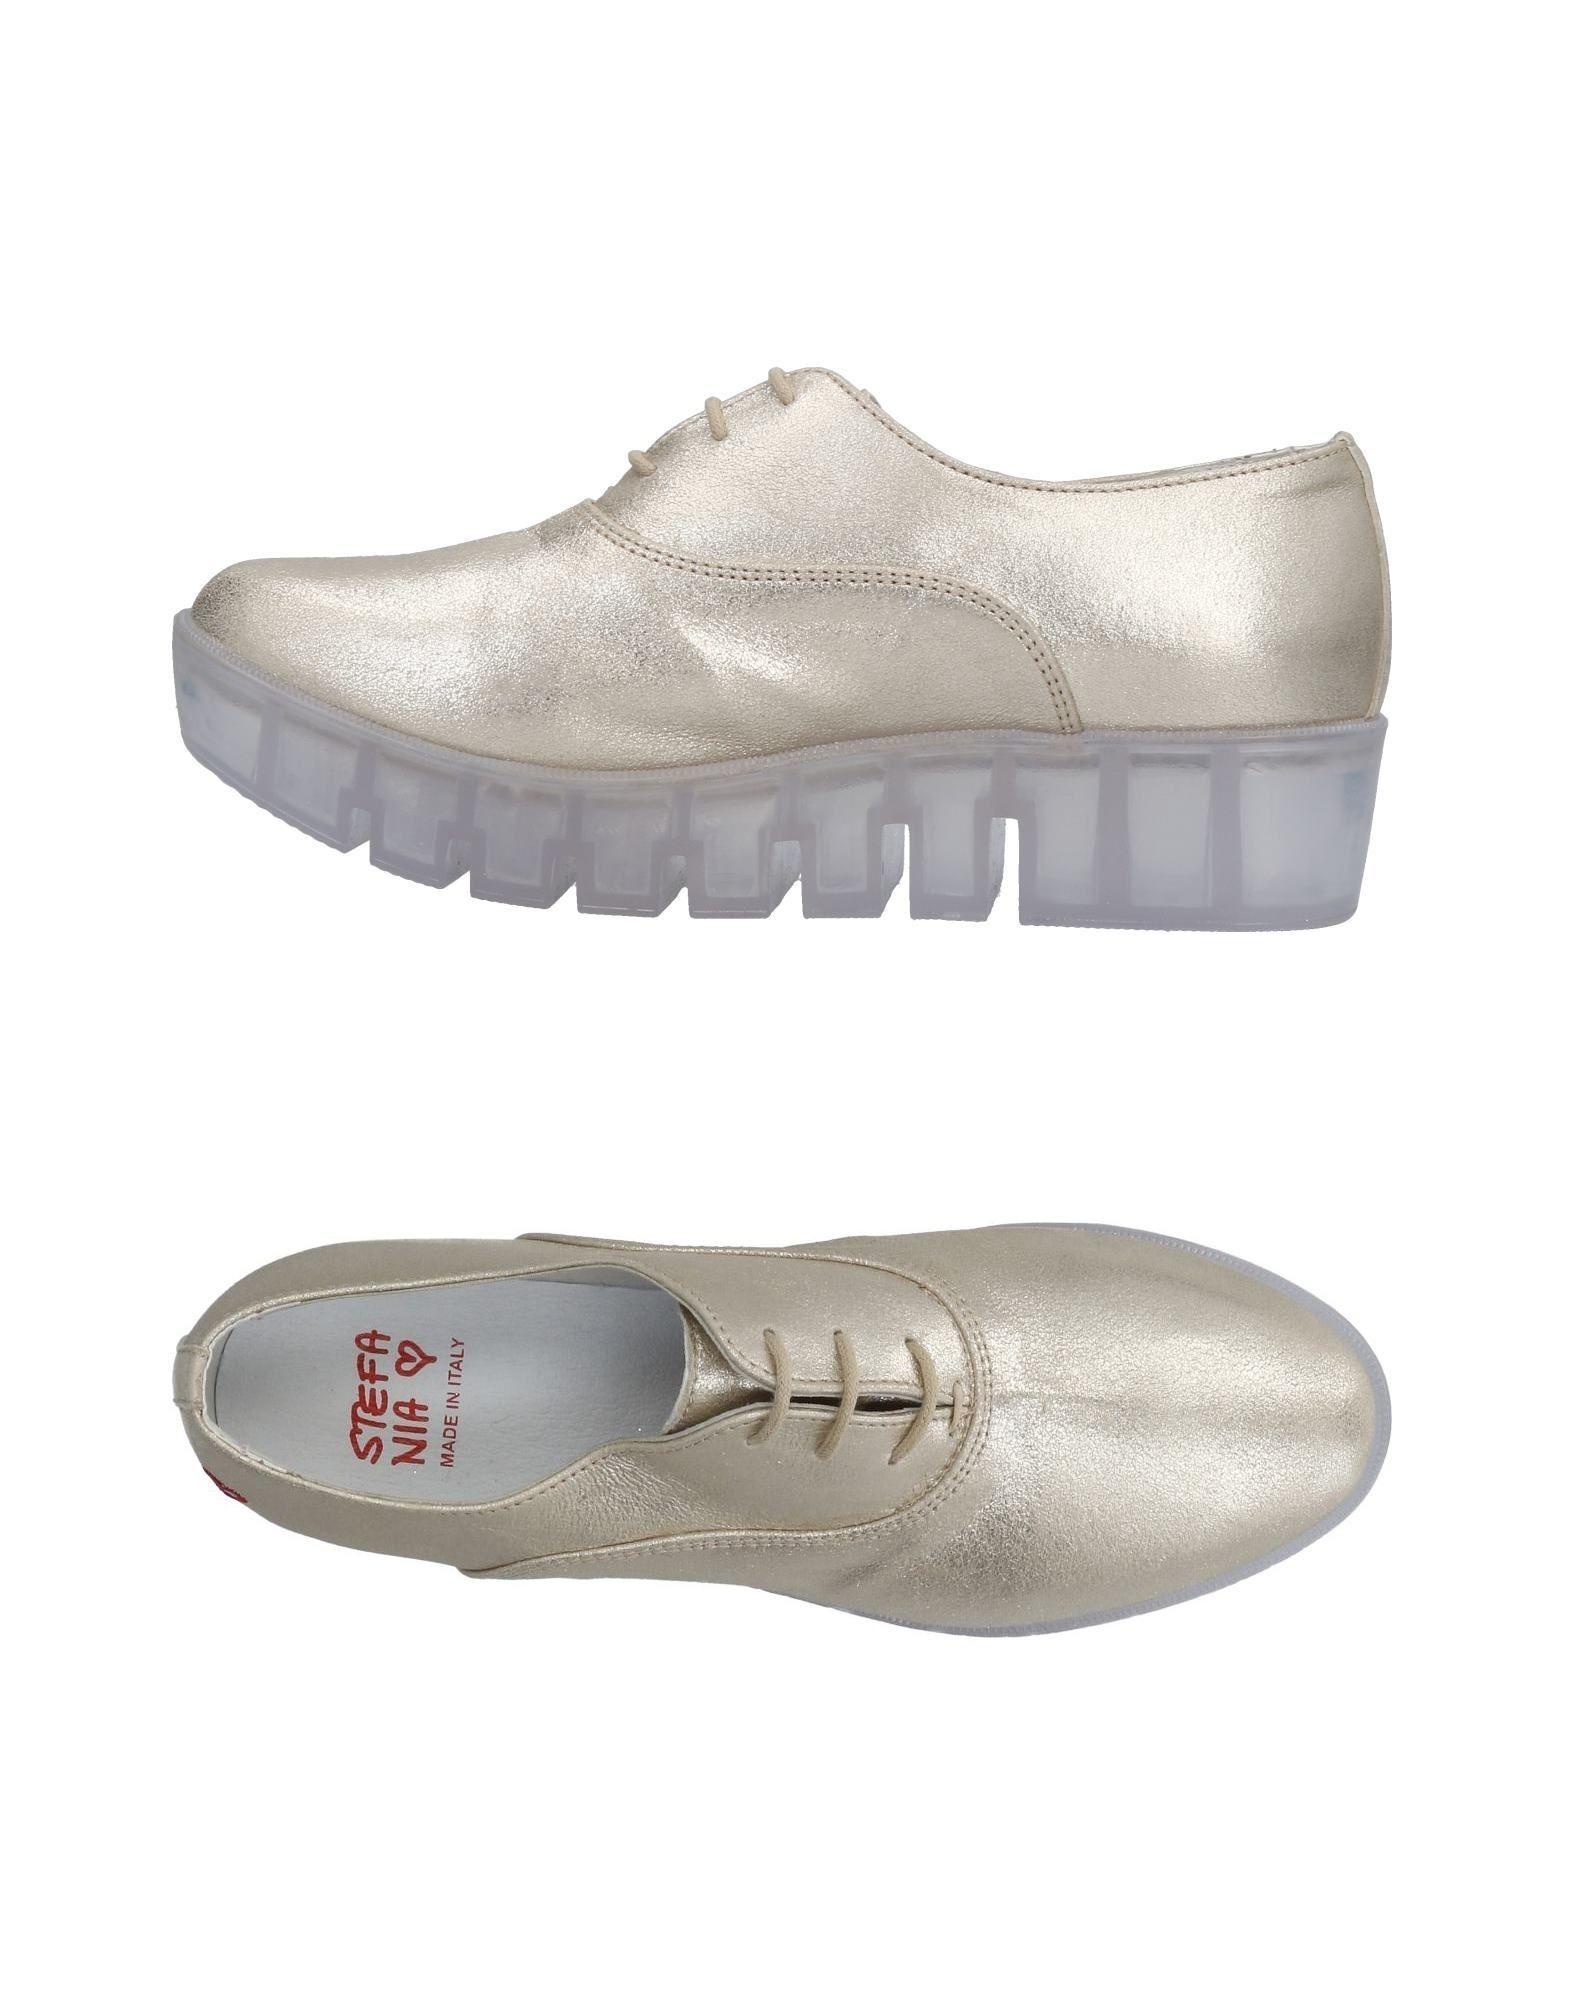 Фото - STEFANIA Обувь на шнурках обувь на высокой платформе dkny